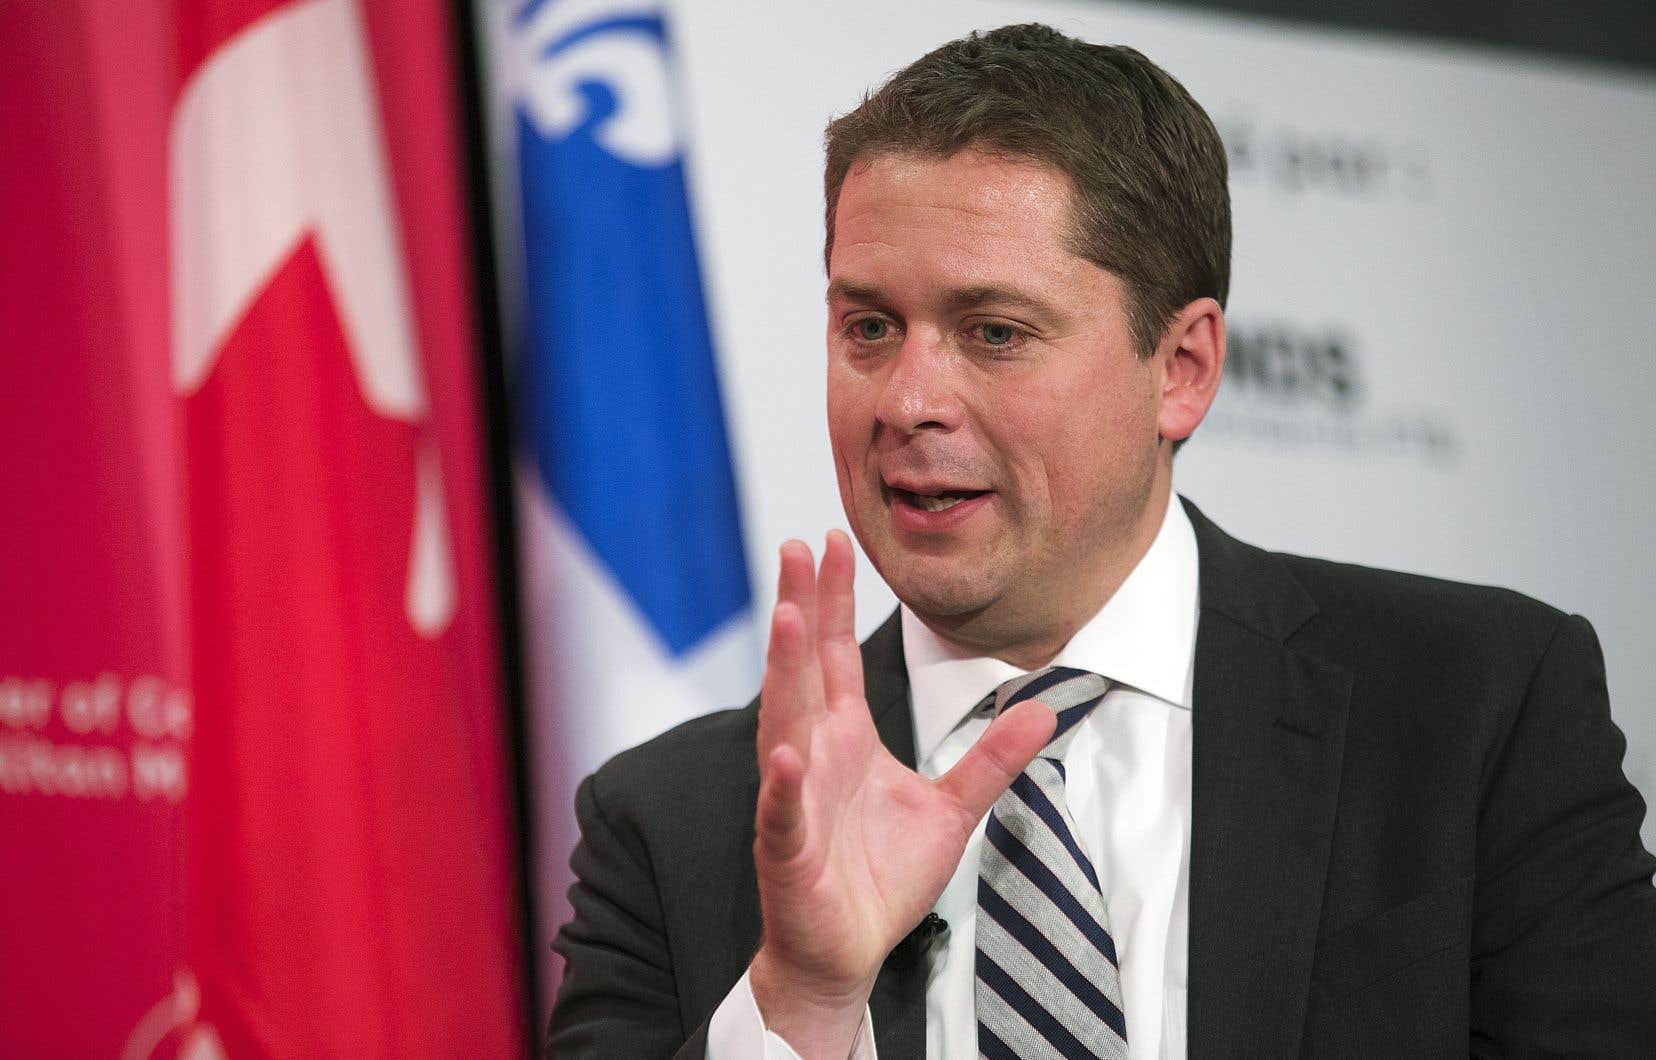 Andrew Scheer a démissionné en décembre de son poste de chef du Parti conservateur du Canada.